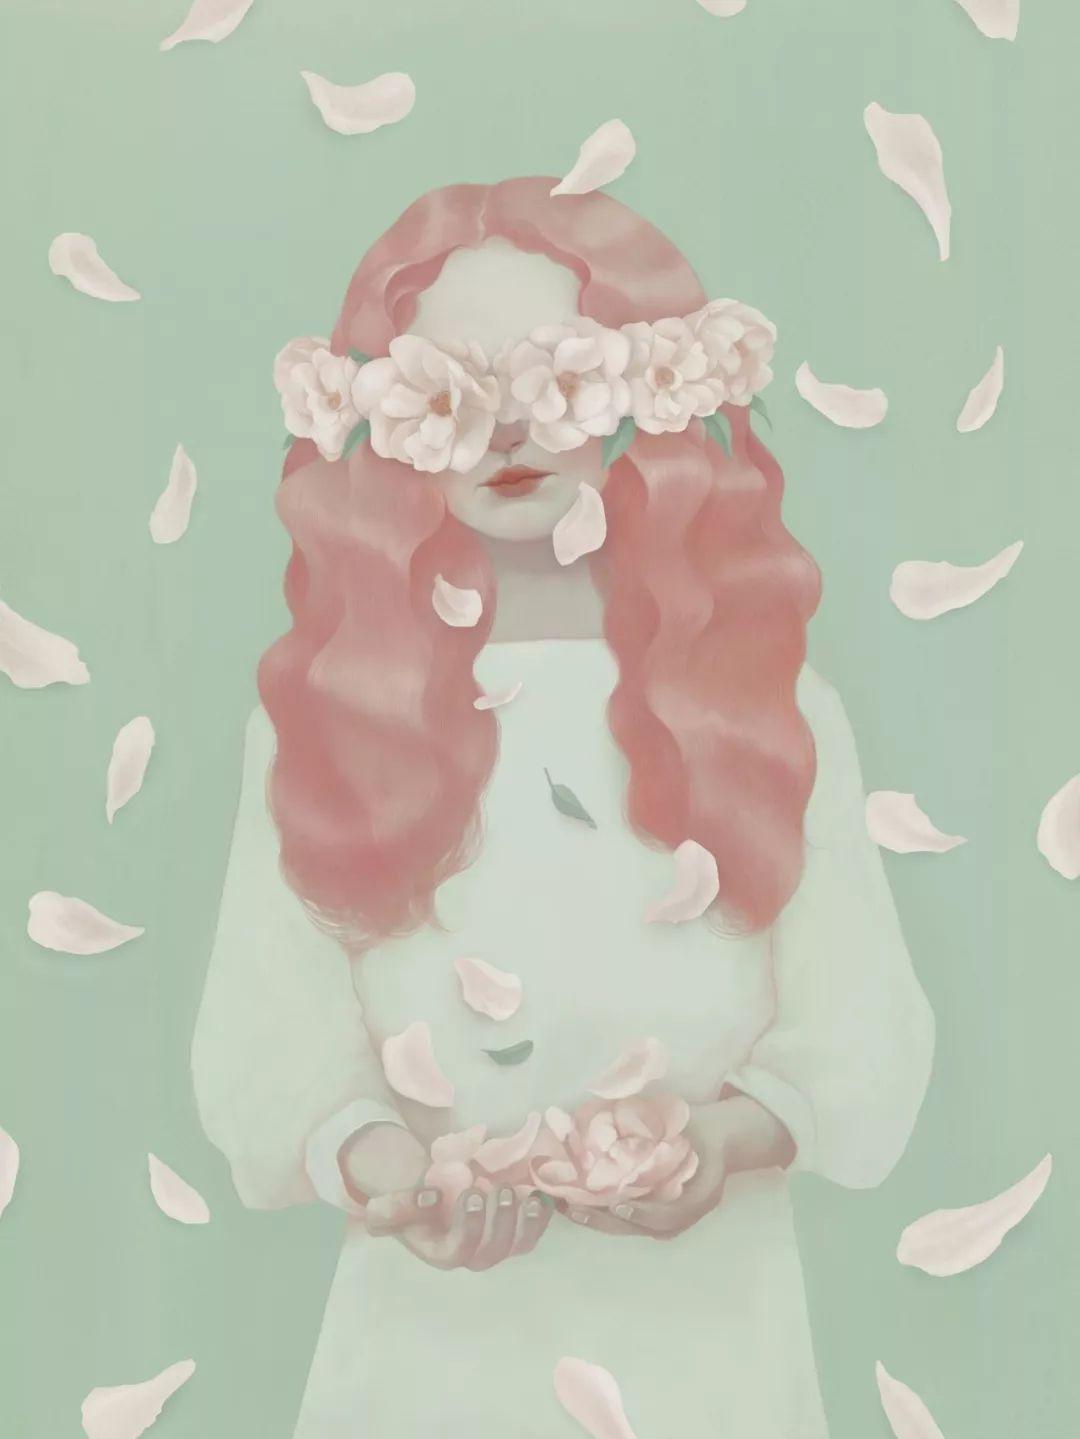 花遮嘴女生头像手绘